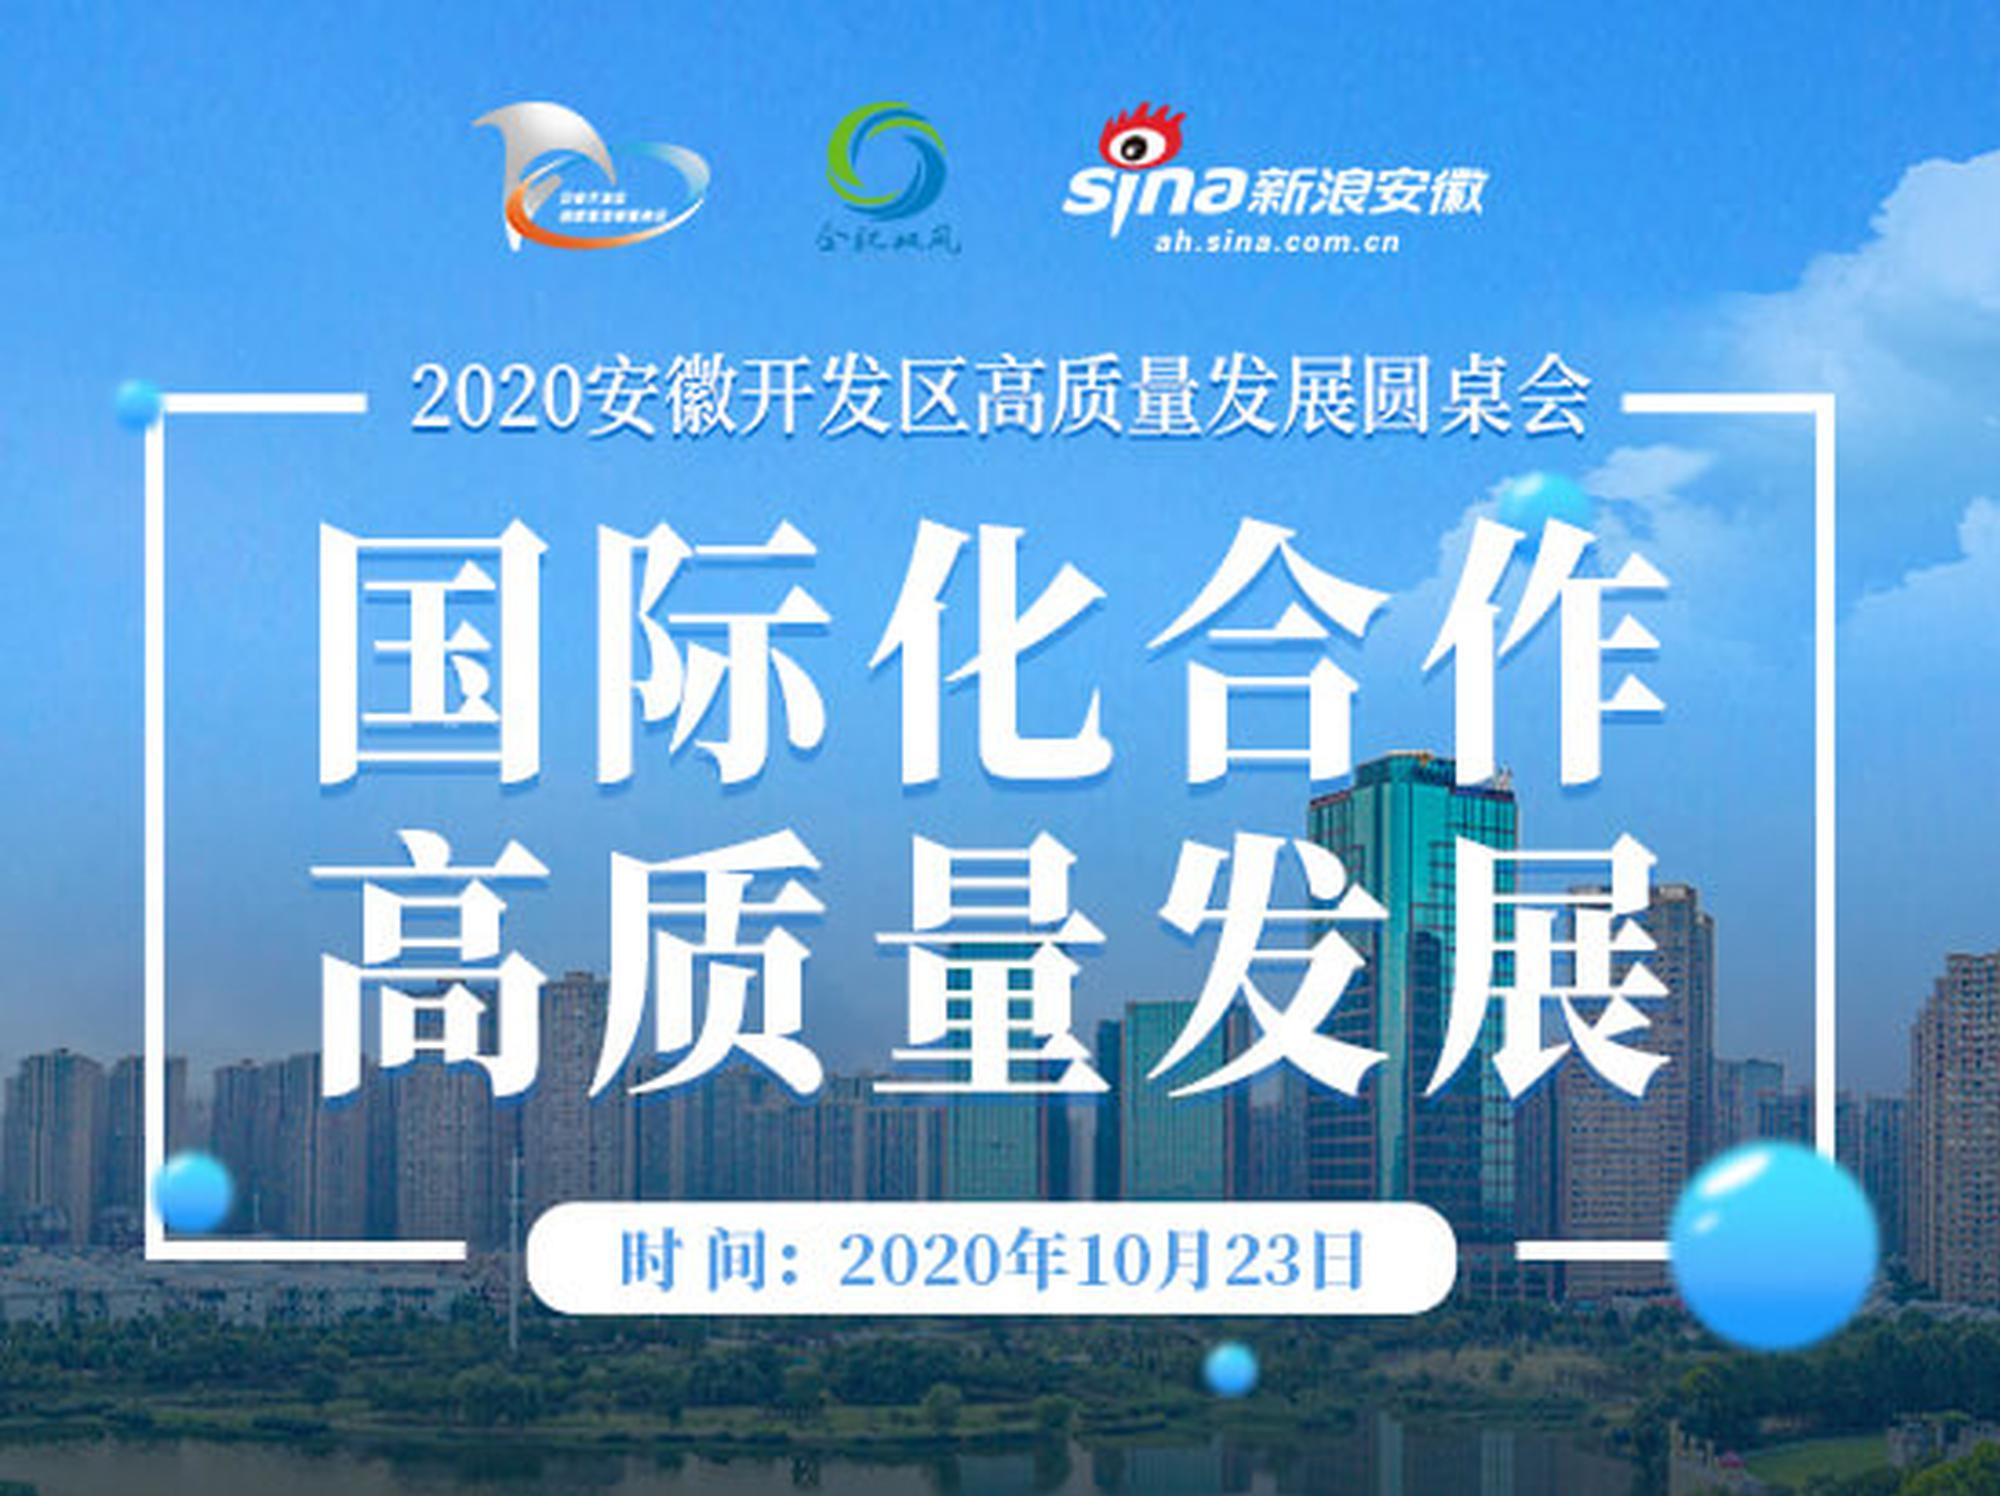 https://ah.sina.cn/news/2020-10-21/detail-iiznctkc6738943.d.html?from=wap